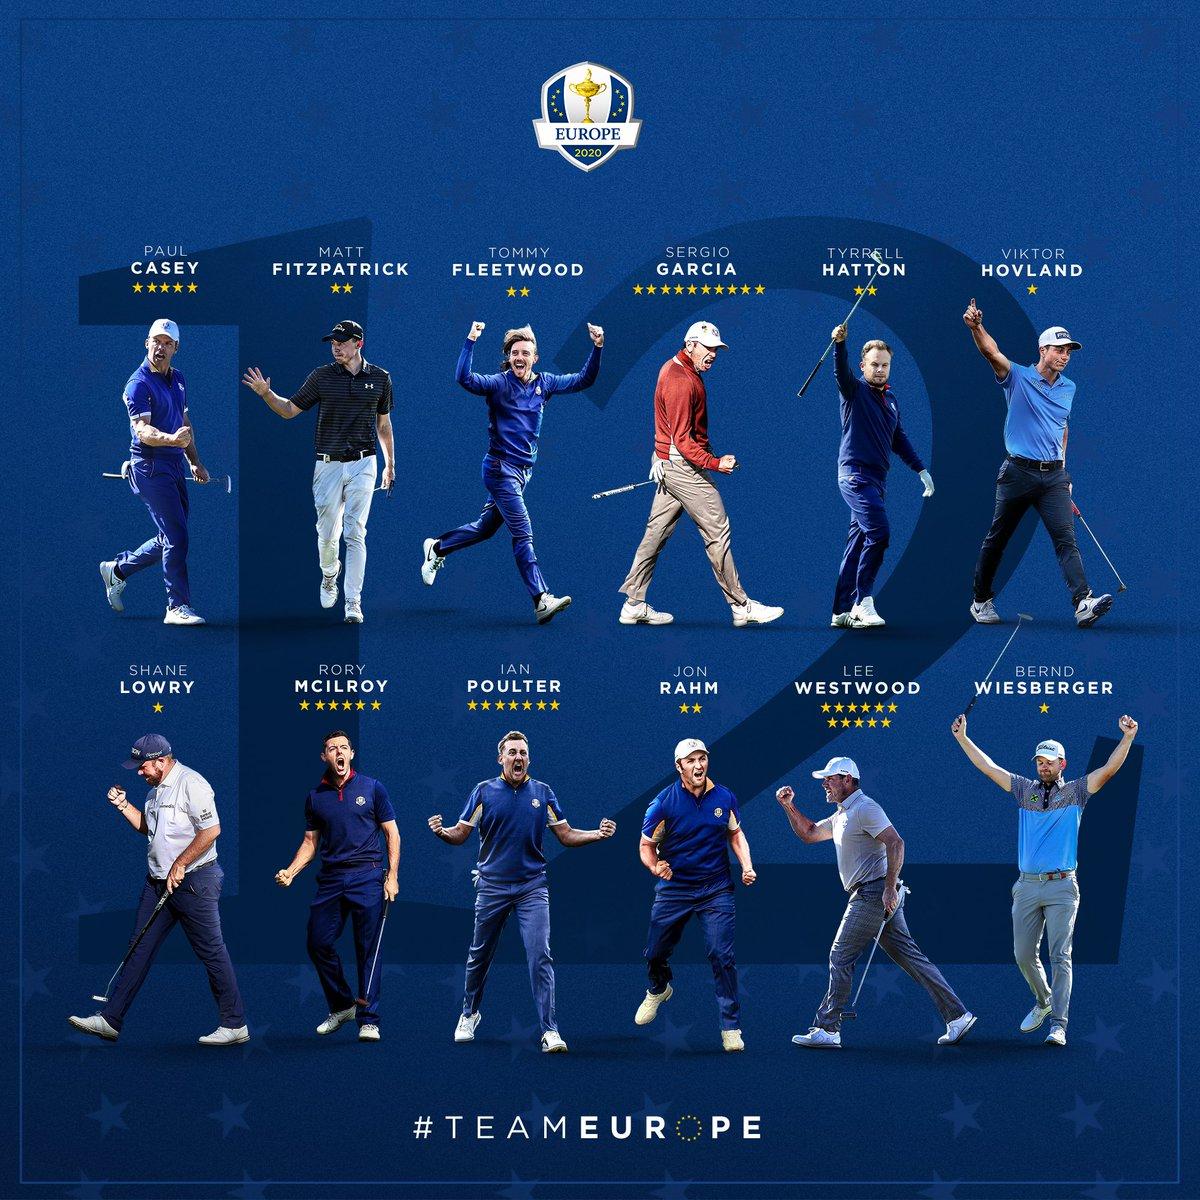 Thành phần đội tuyển châu Âu tranh Ryder Cup 2021.